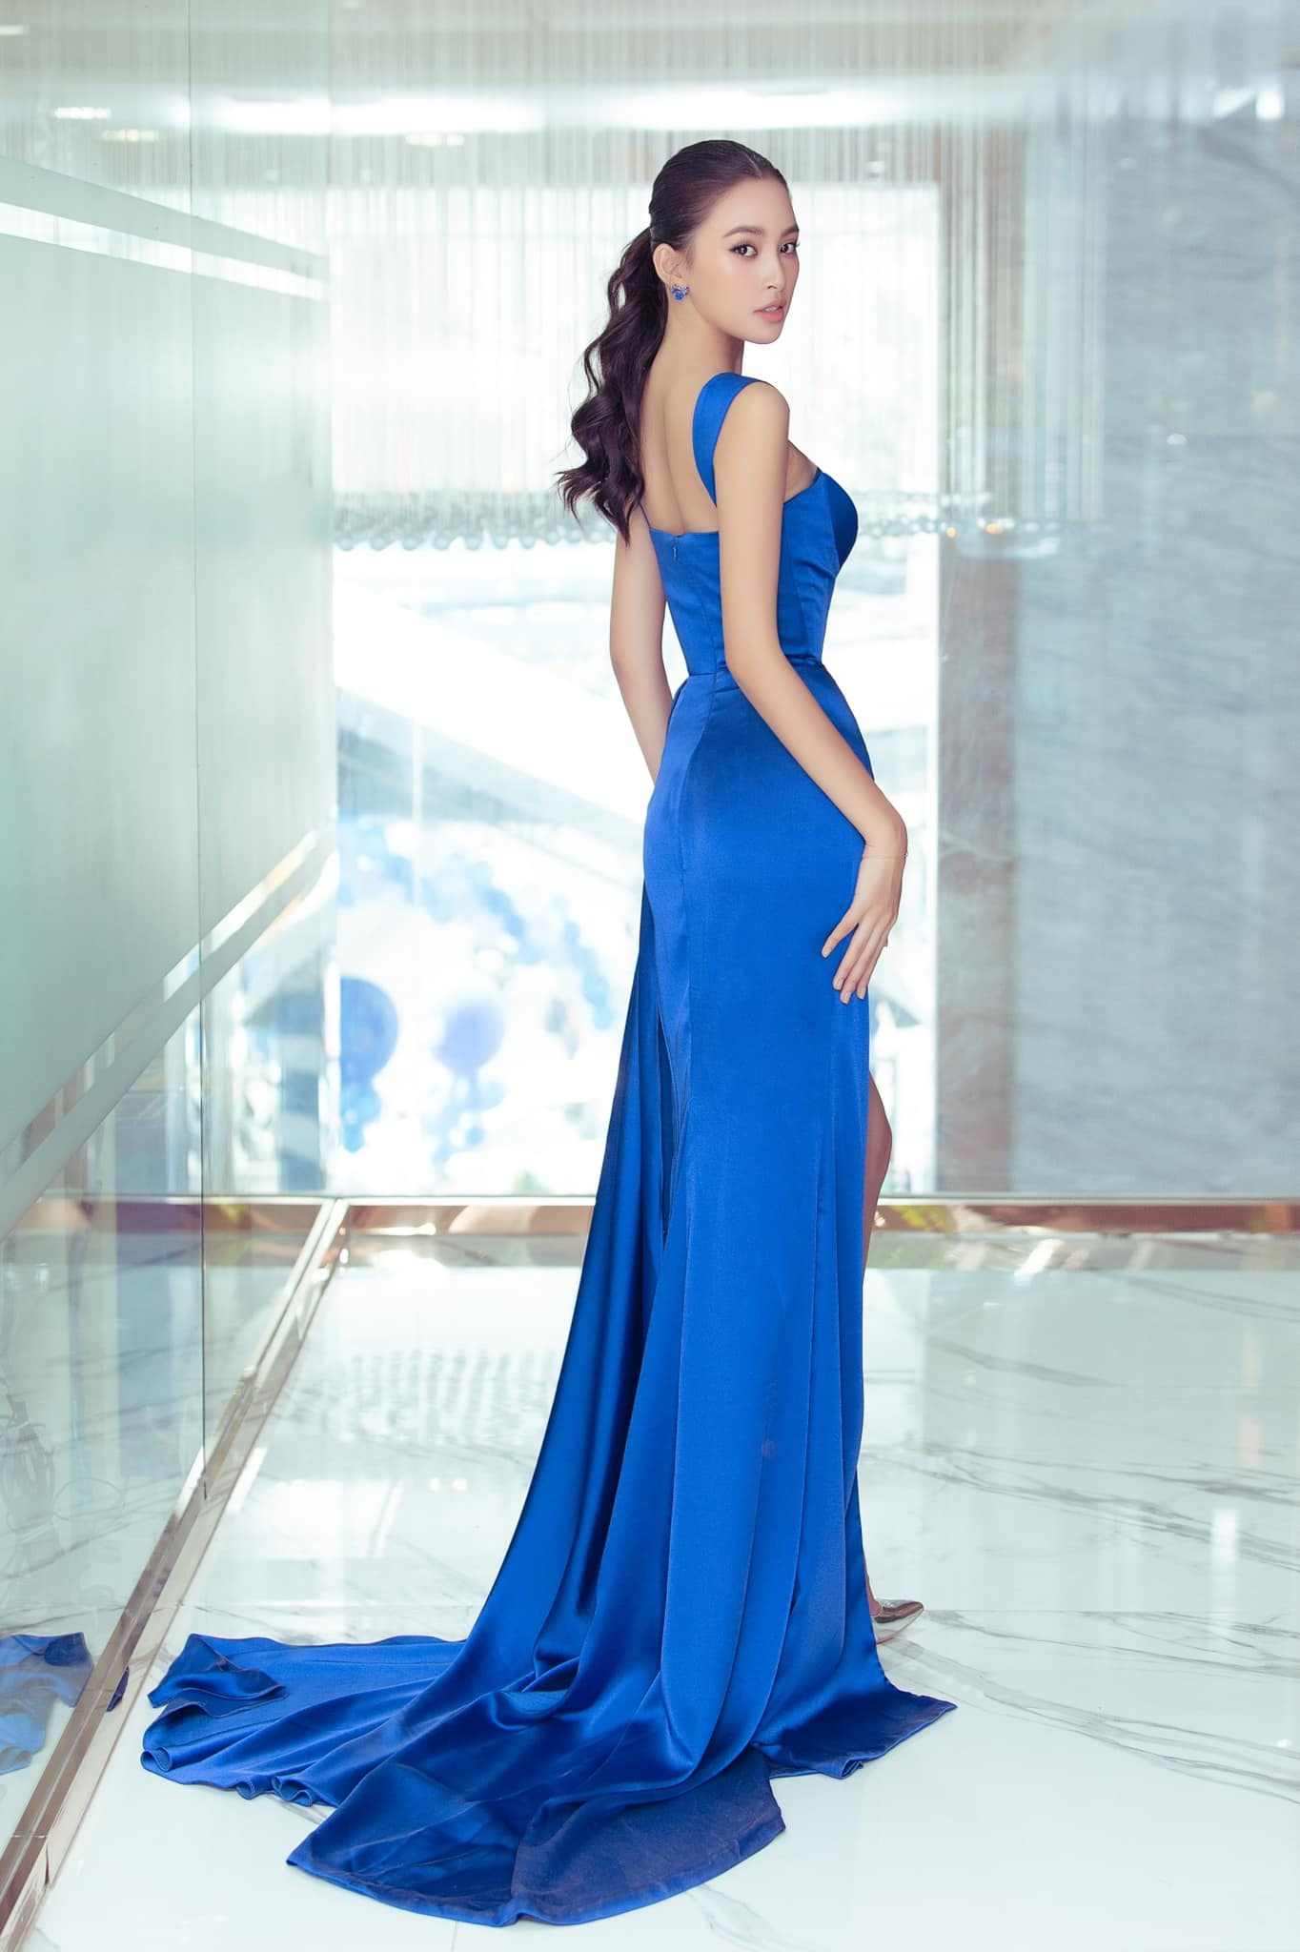 Tiểu Vy, Lương Thuỳ Linh diện váy cắt xẻ táo bạo khoe đường cong đẹp mắt ảnh 4